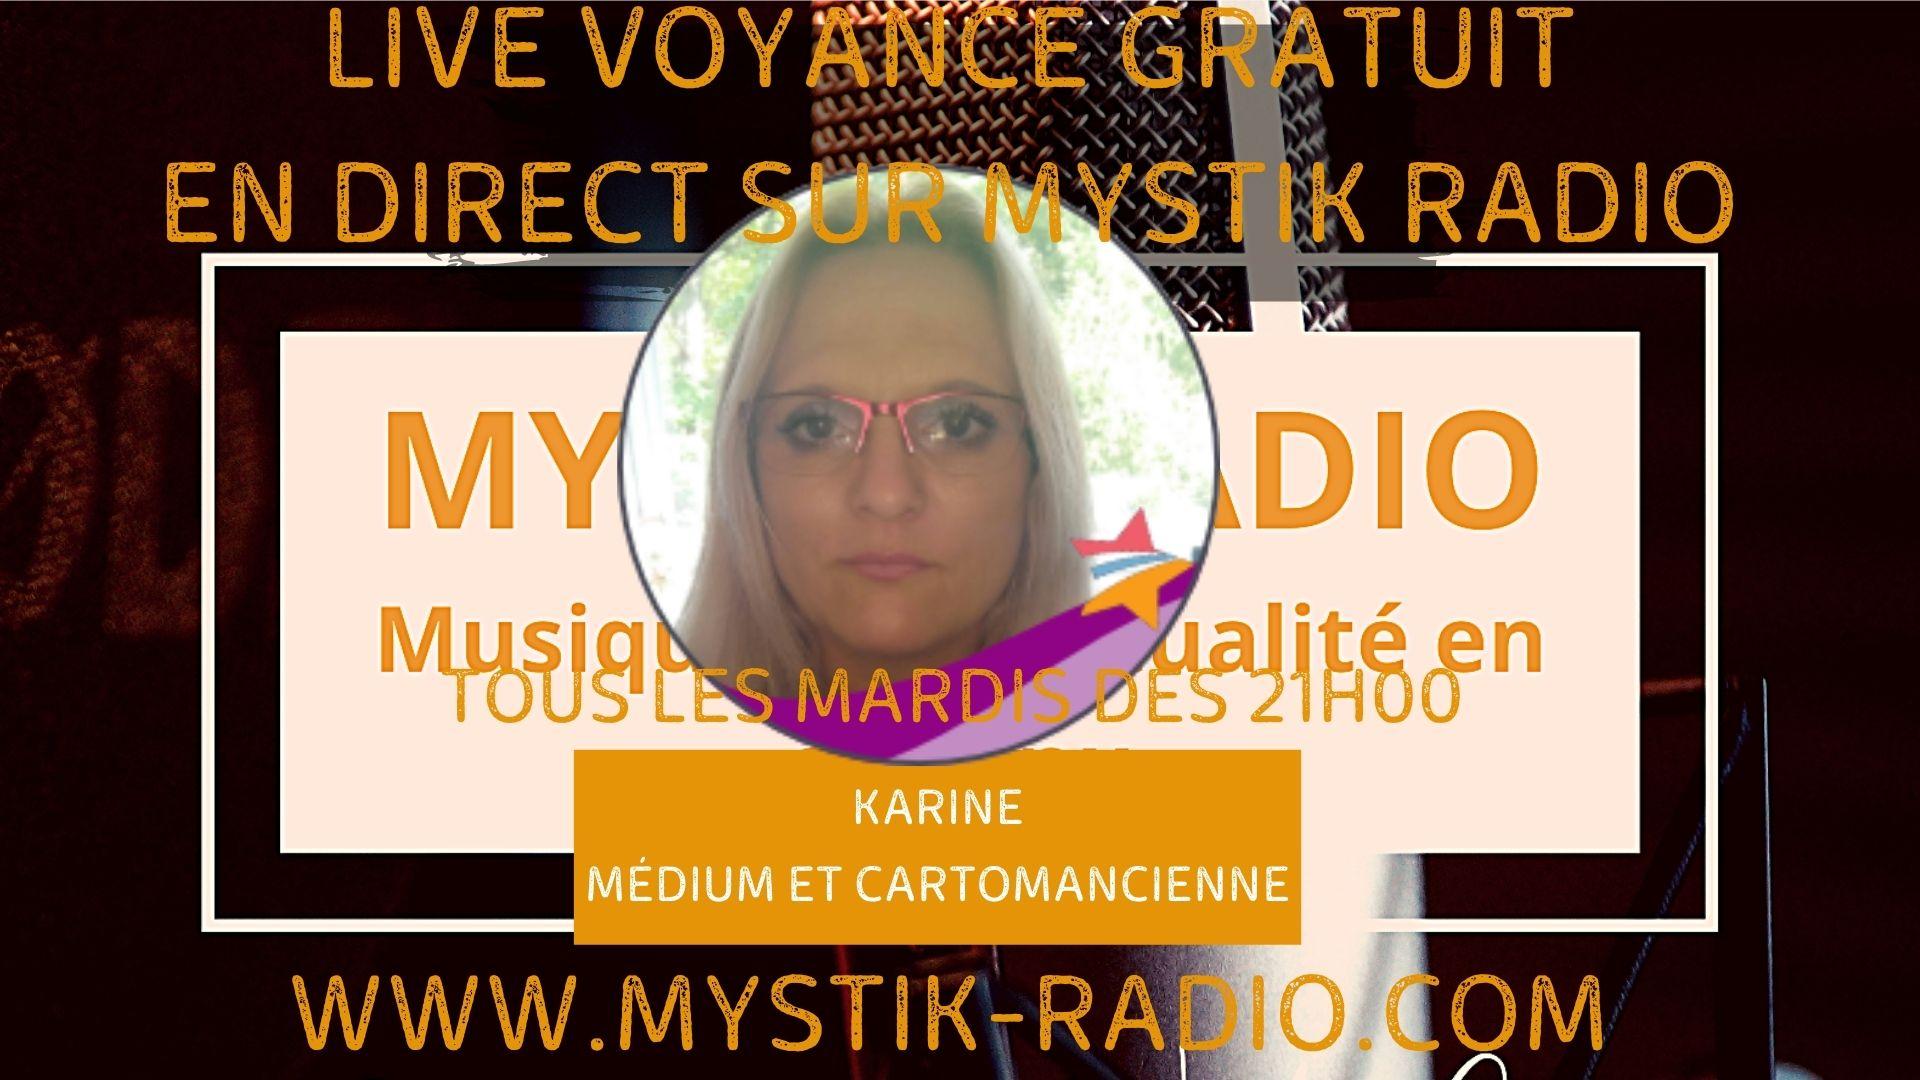 Live voyance gratuite avec Karine médium et cartomancienne chez Infinità Corse Voyance en direct sur Mystik Radio